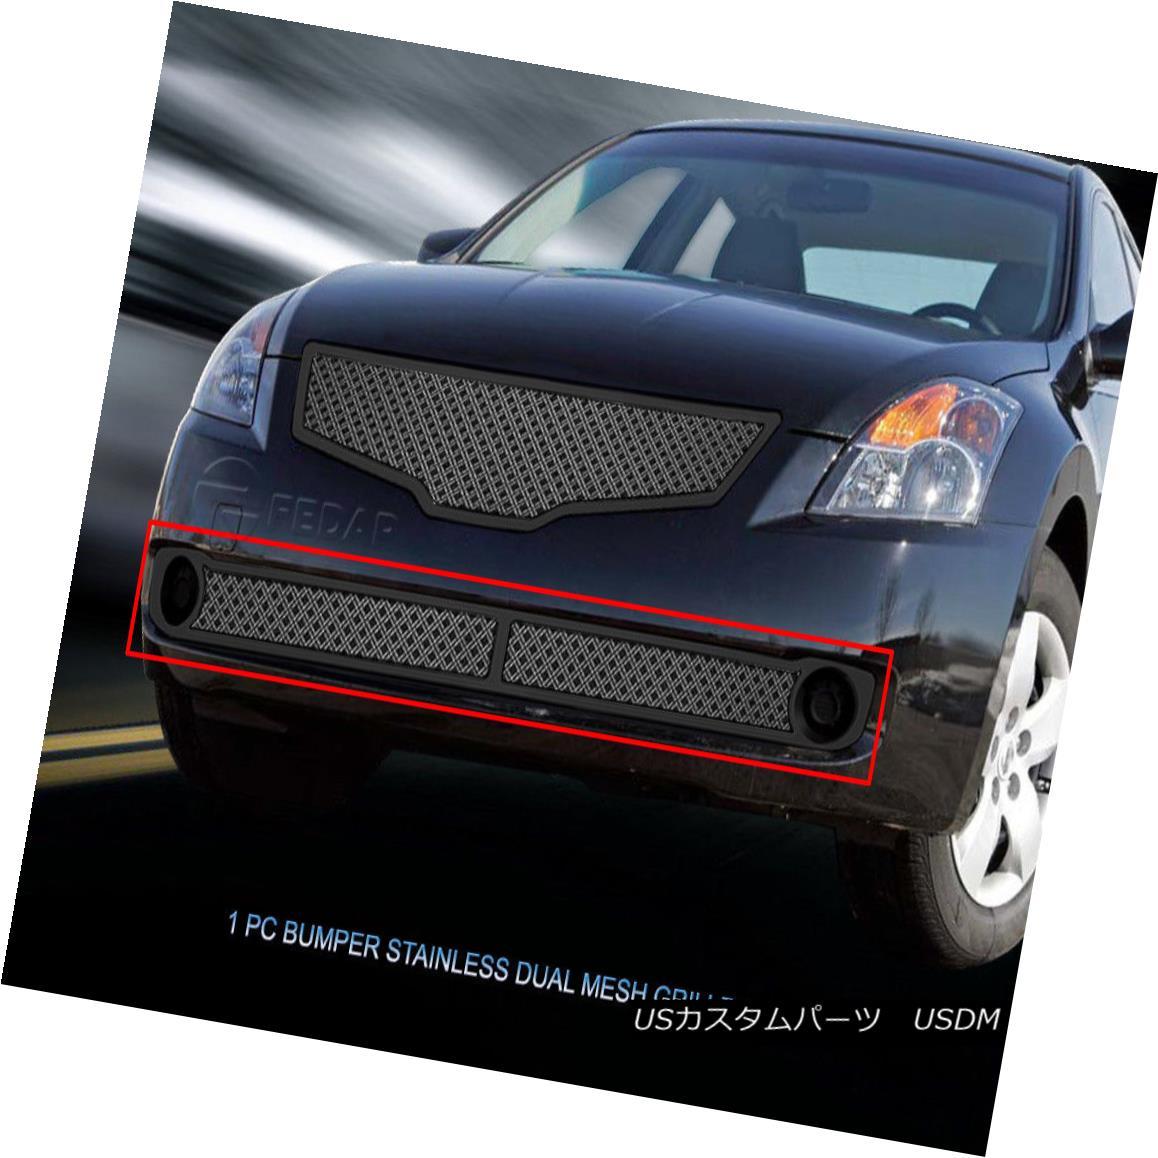 グリル Fedar Fits 07-09 Nissan Altima Sedan Chrome Bottom Dual Weave Mesh Grille Insert フェデラルフィット07-09日産アルティマセダンクロムボトムデュアルウィーブメッシュグリルインサート